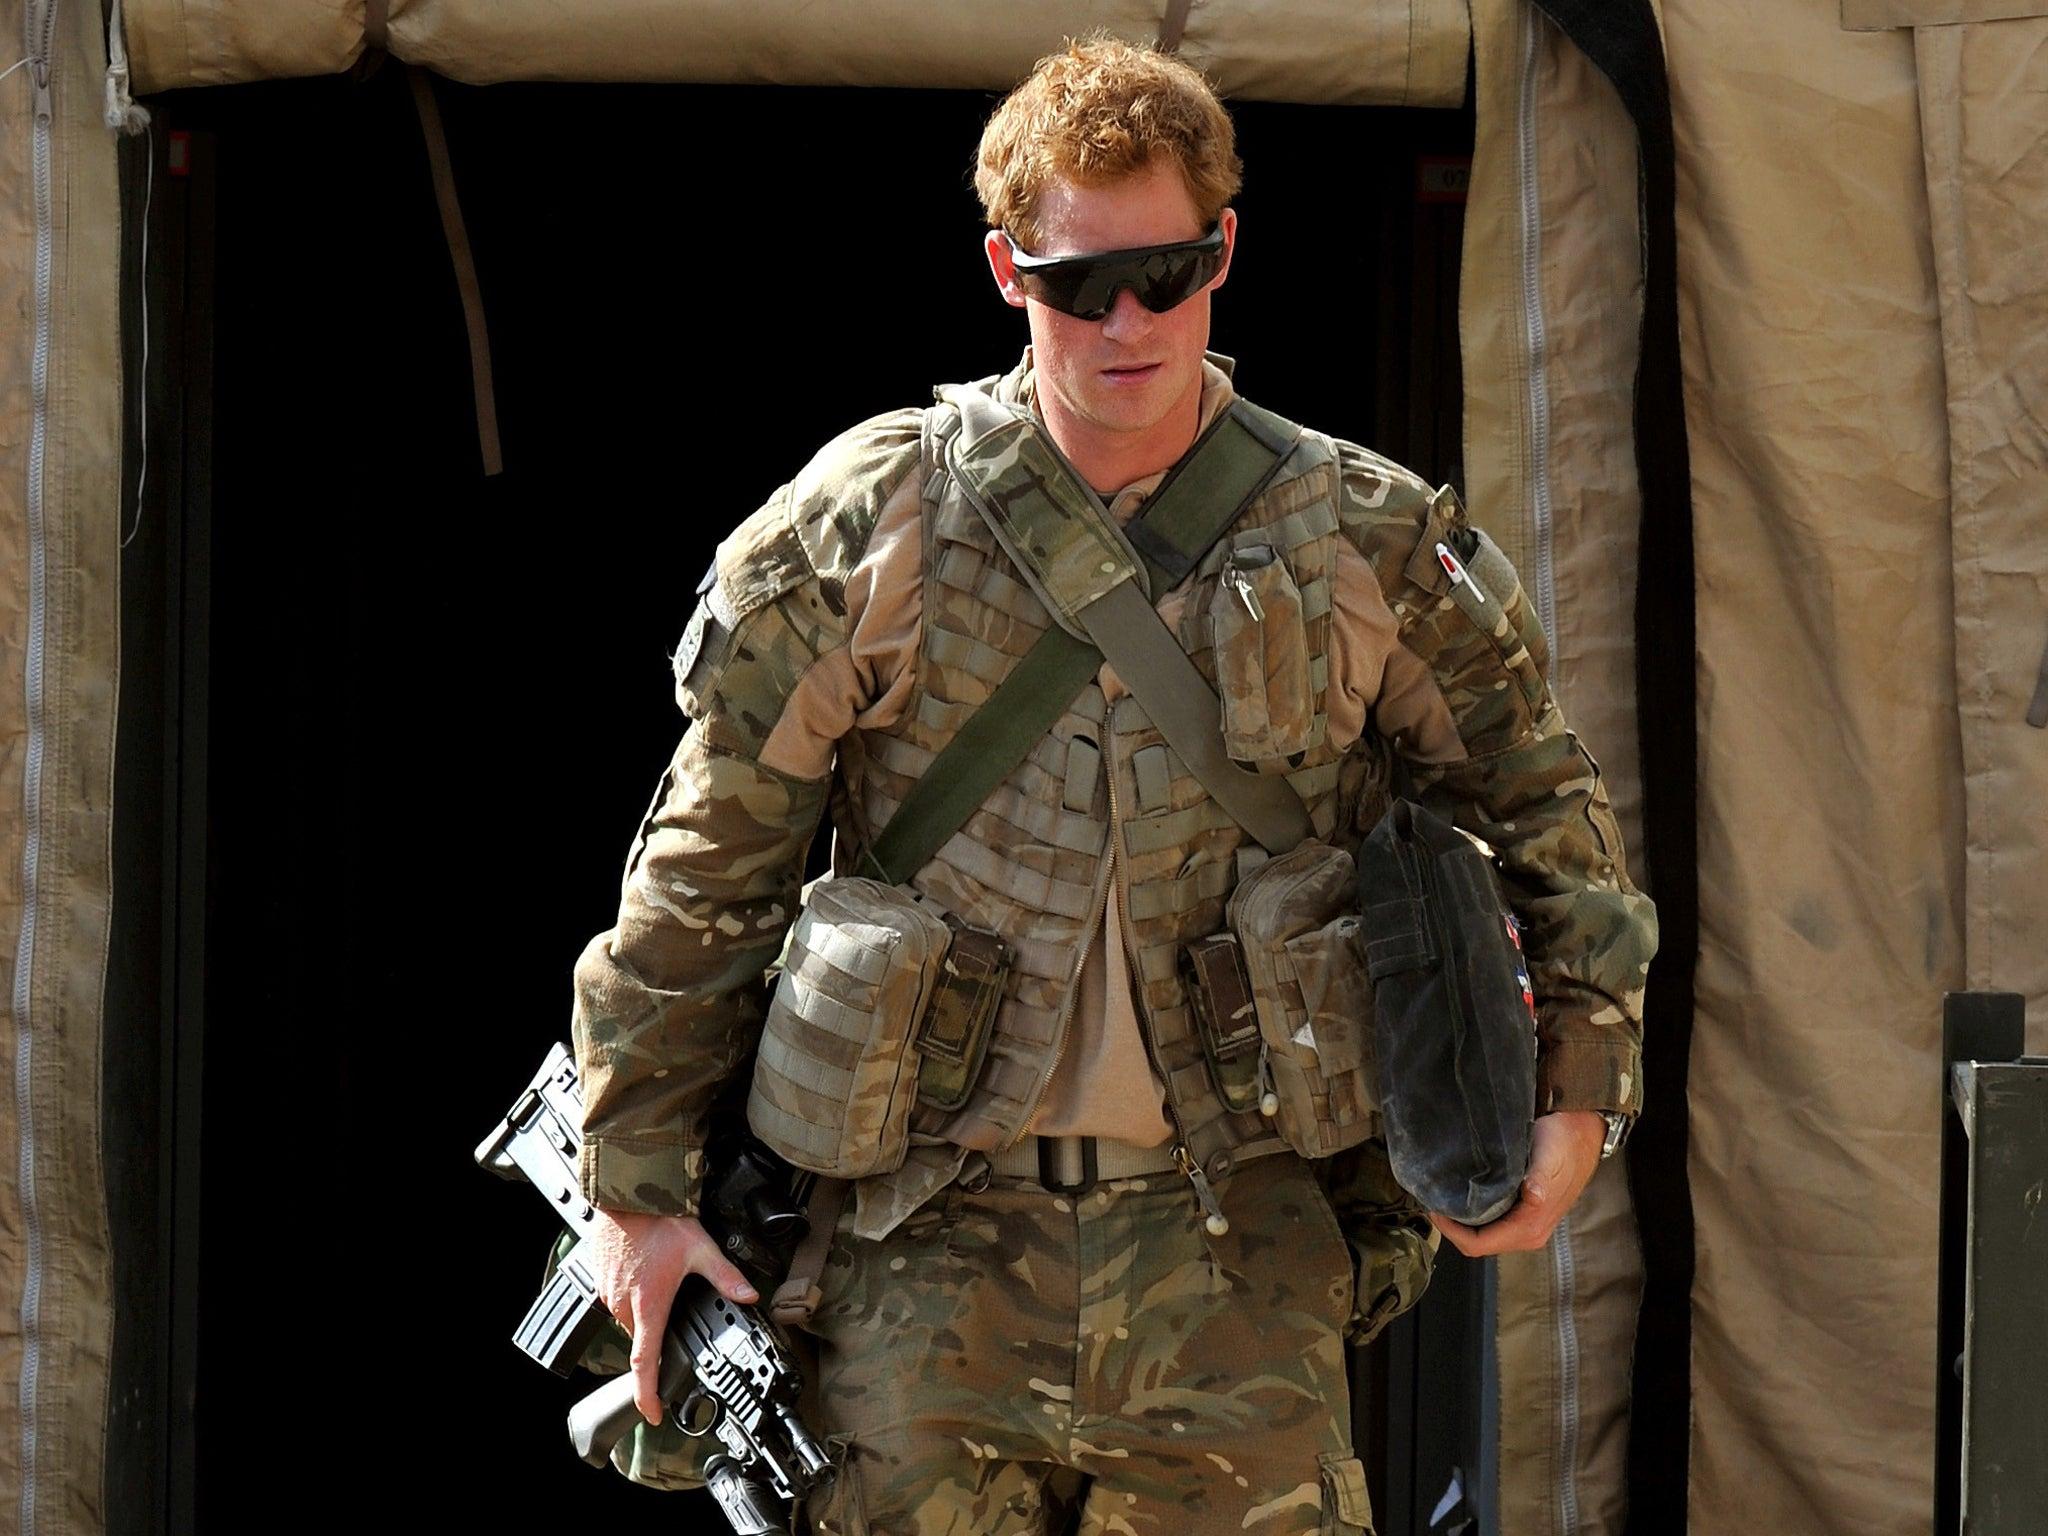 Prens Harry'nin askeri unvanları tartışma konusu oldu.